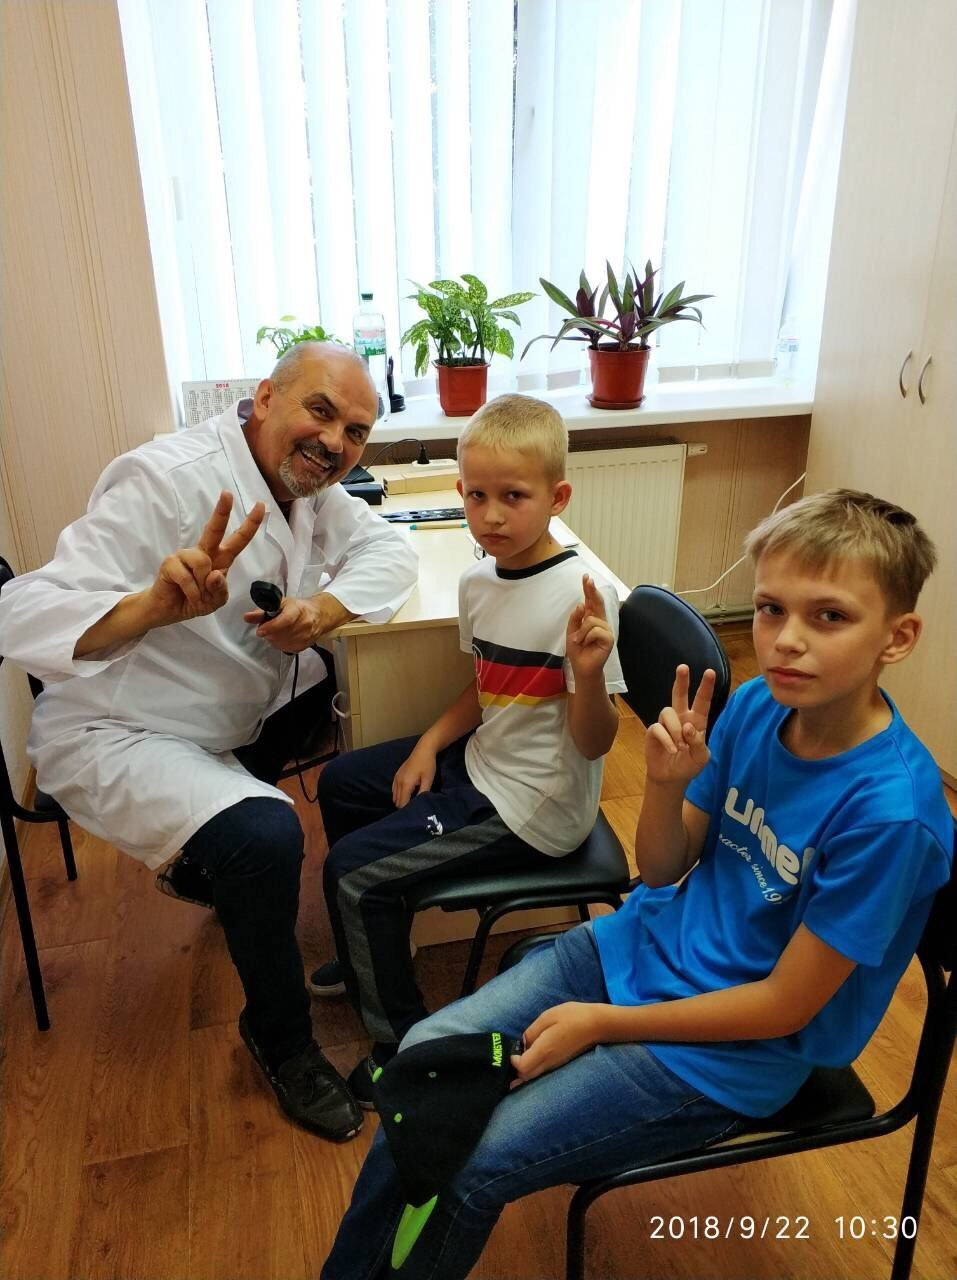 Кращі дитячі офтальмологи України провели безкоштовний прийом у Білій Церкві, фото-7